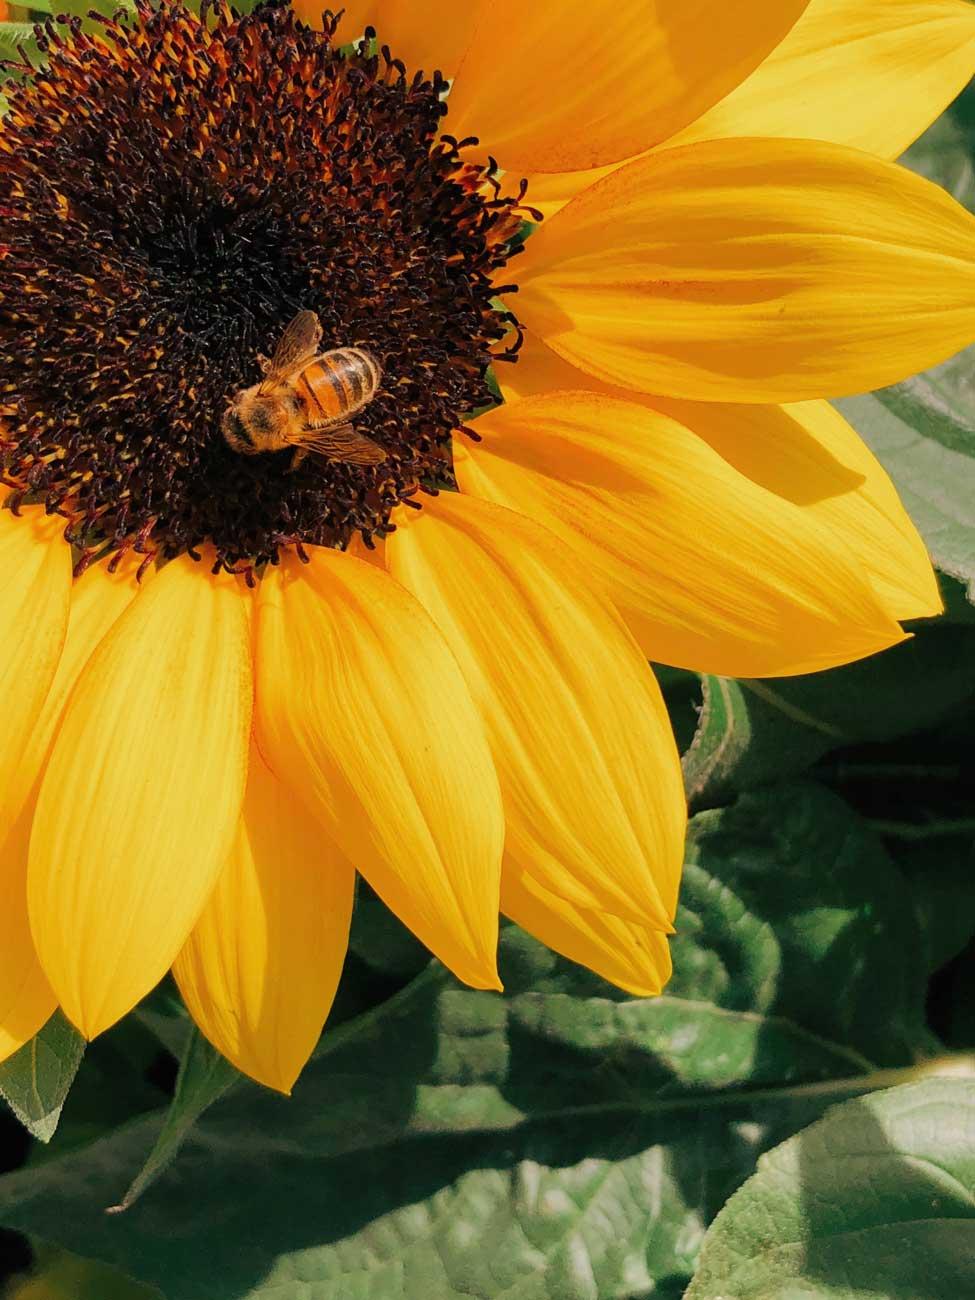 Nikiti's apiary